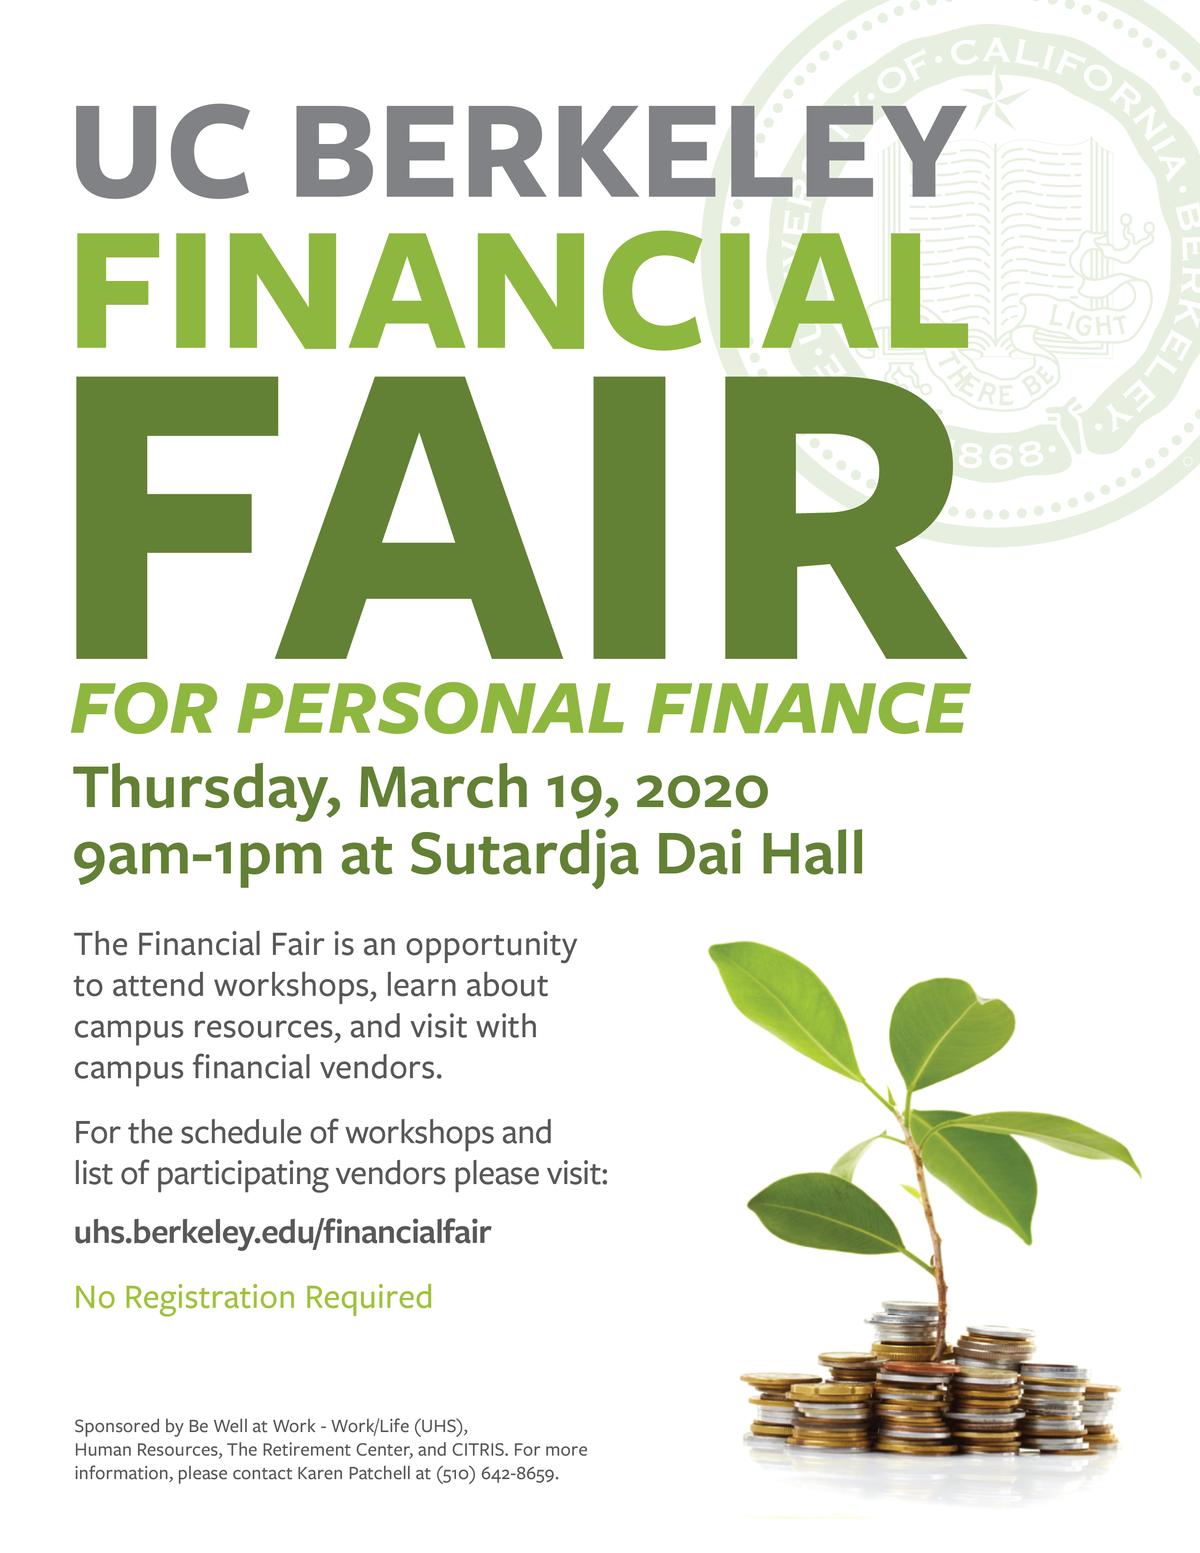 Financial Fair Flier